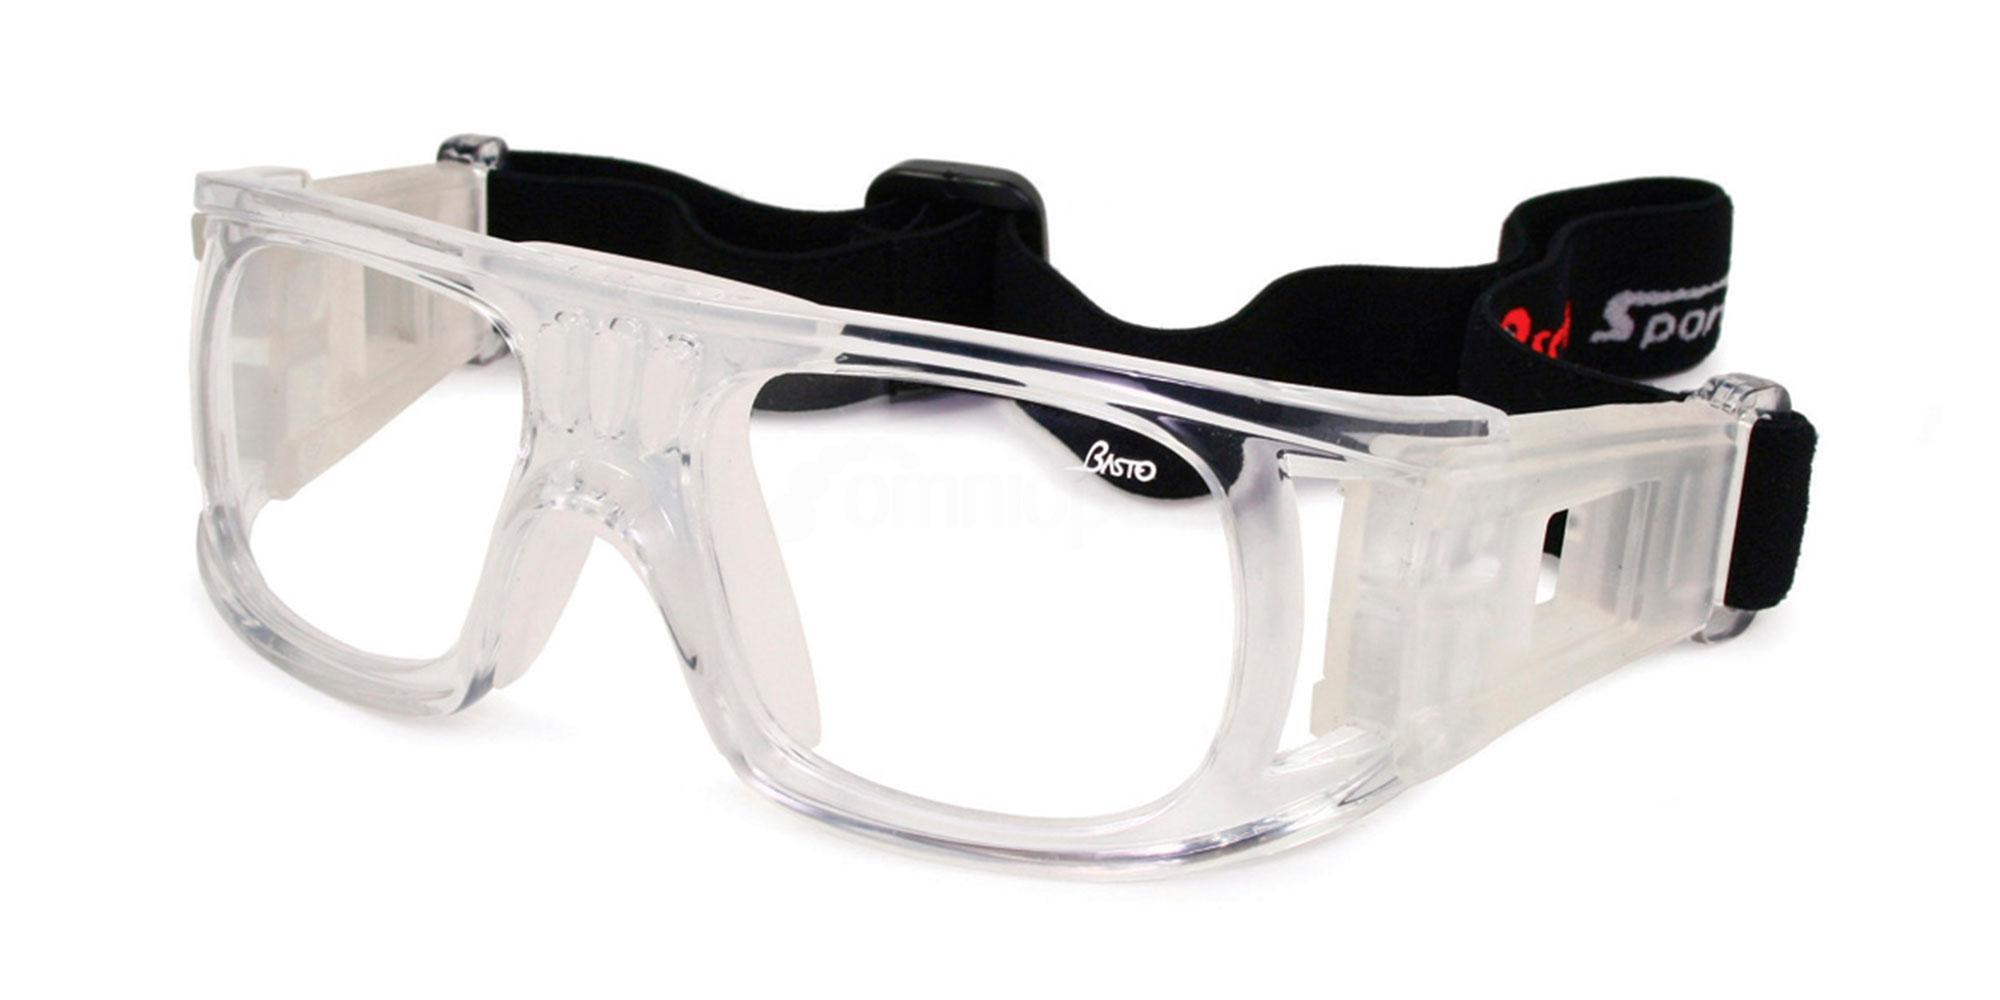 Crystal BL006 Accessories, Sports Eyewear